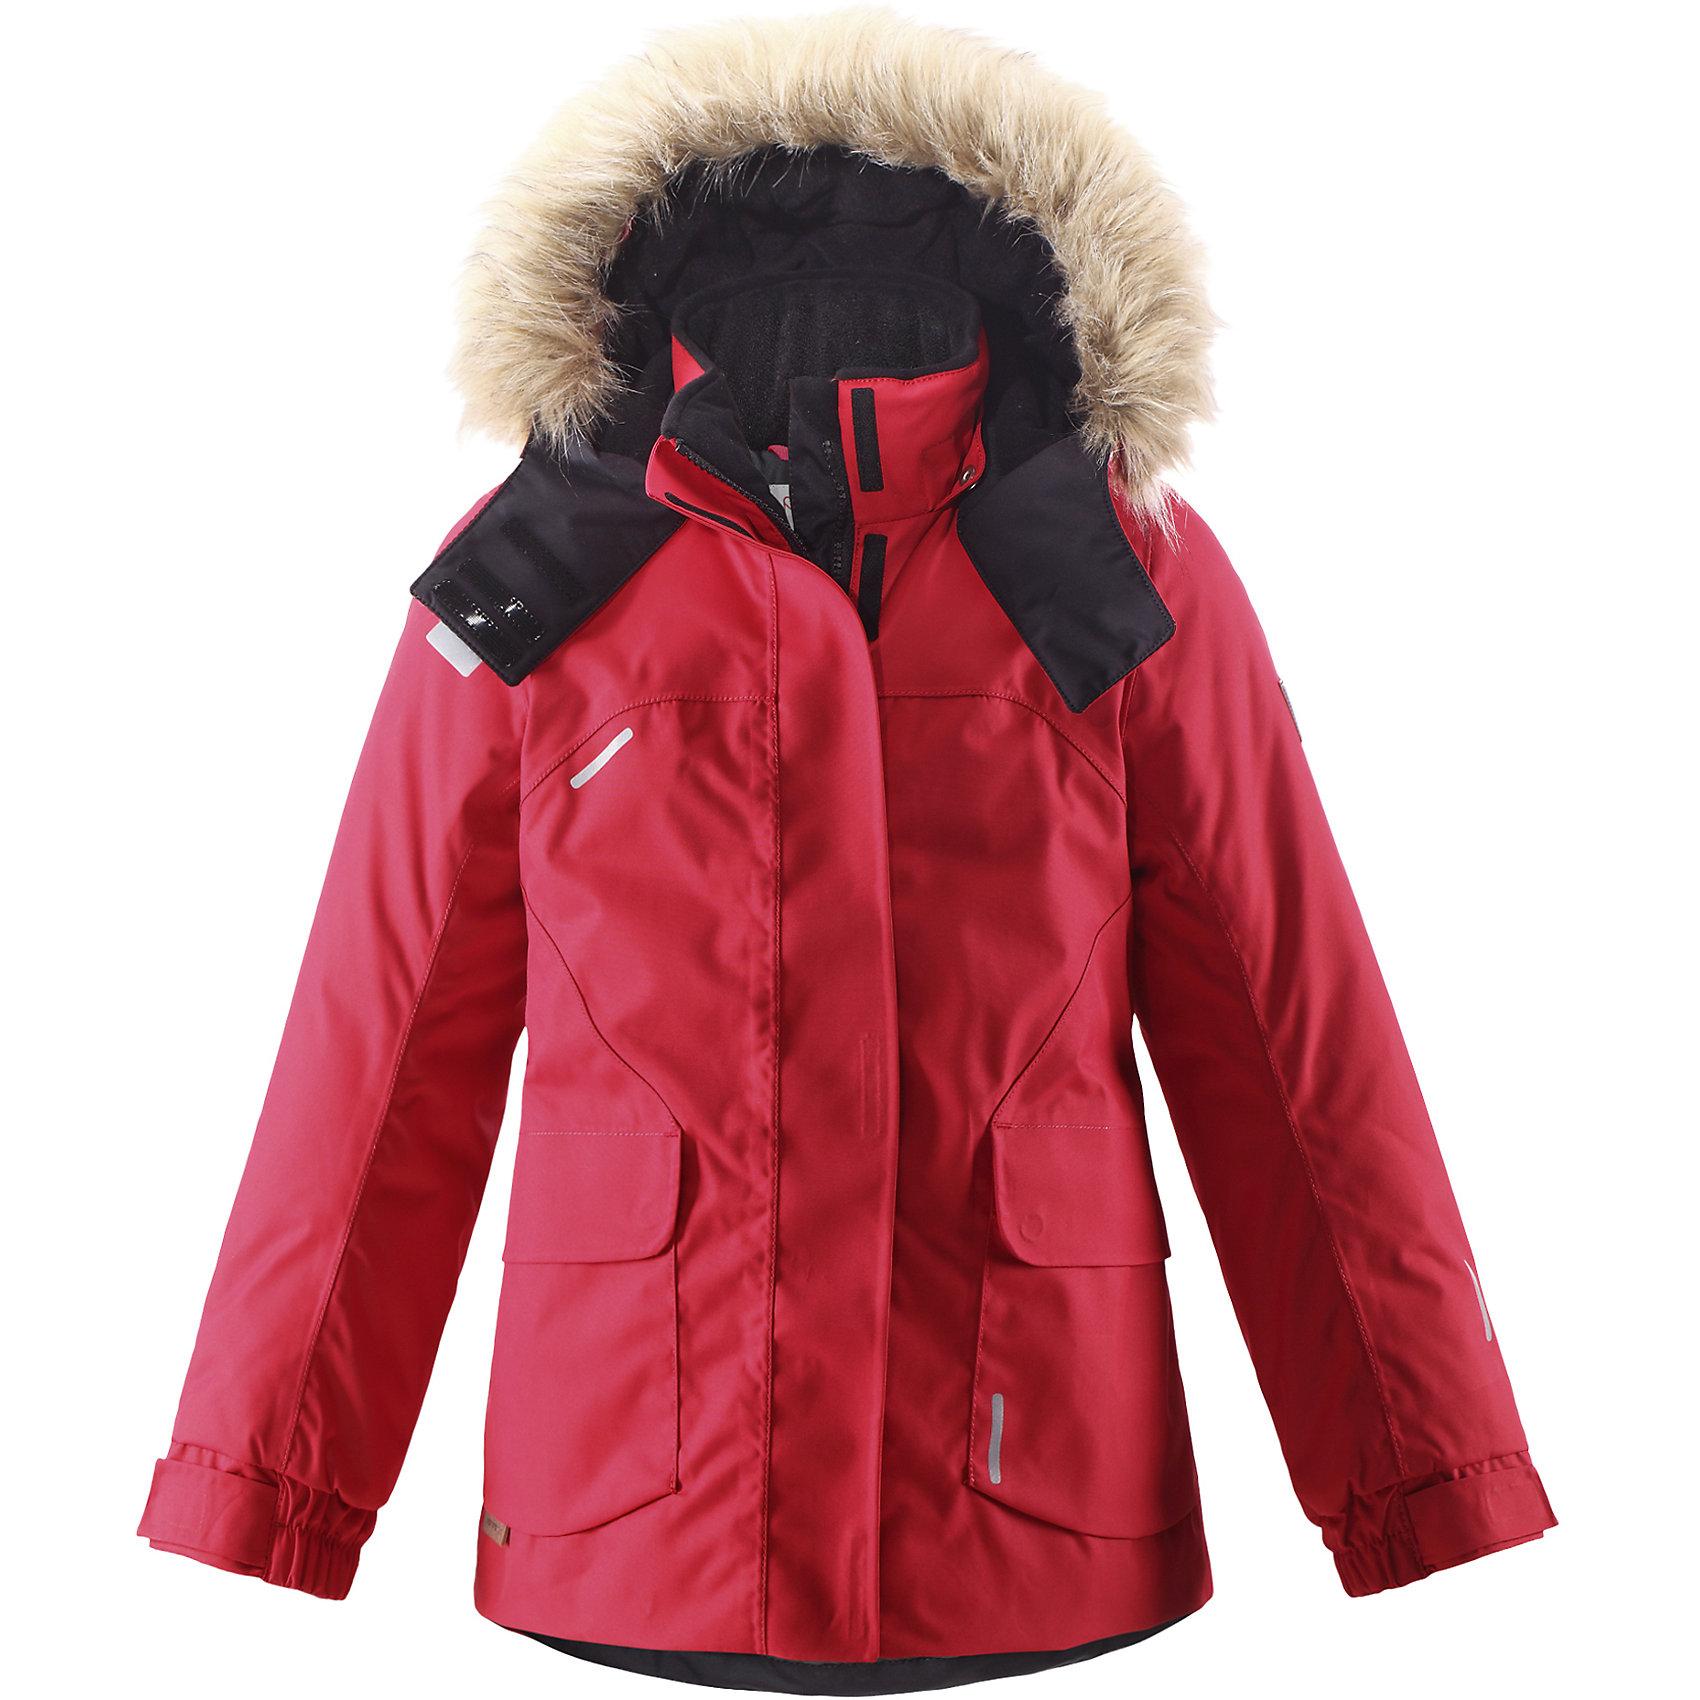 Куртка Sisarus для девочки Reimatec® ReimaОдежда<br>Куртка для девочки Reimatec® Reima<br>Зимняя куртка для подростков. Все швы проклеены и водонепроницаемы. Водо- и ветронепроницаемый, «дышащий» и грязеотталкивающий материал. Крой для девочек. Гладкая подкладка из полиэстра. Безопасный съемный капюшон с отсоединяемой меховой каймой из искусственного меха. Регулируемый манжет на липучке.Эластичный пояс сзади. Два кармана с клапанами. .Логотип Reima® на рукаве. Безопасные светоотражающие детали. Петля для дополнительных светоотражающих деталей.<br>Утеплитель: Reima® Comfort+ insulation,160 g<br>Уход:<br>Стирать по отдельности, вывернув наизнанку. Перед стиркой отстегните искусственный мех. Застегнуть молнии и липучки. Стирать моющим средством, не содержащим отбеливающие вещества. Полоскать без специального средства. Во избежание изменения цвета изделие необходимо вынуть из стиральной машинки незамедлительно после окончания программы стирки. Можно сушить в сушильном шкафу или центрифуге (макс. 40° C).<br>Состав:<br>100% Полиамид, полиуретановое покрытие<br><br>Ширина мм: 356<br>Глубина мм: 10<br>Высота мм: 245<br>Вес г: 519<br>Цвет: красный<br>Возраст от месяцев: 84<br>Возраст до месяцев: 96<br>Пол: Женский<br>Возраст: Детский<br>Размер: 146,134,152,116,110,104,122,158,128,164,140<br>SKU: 4778411